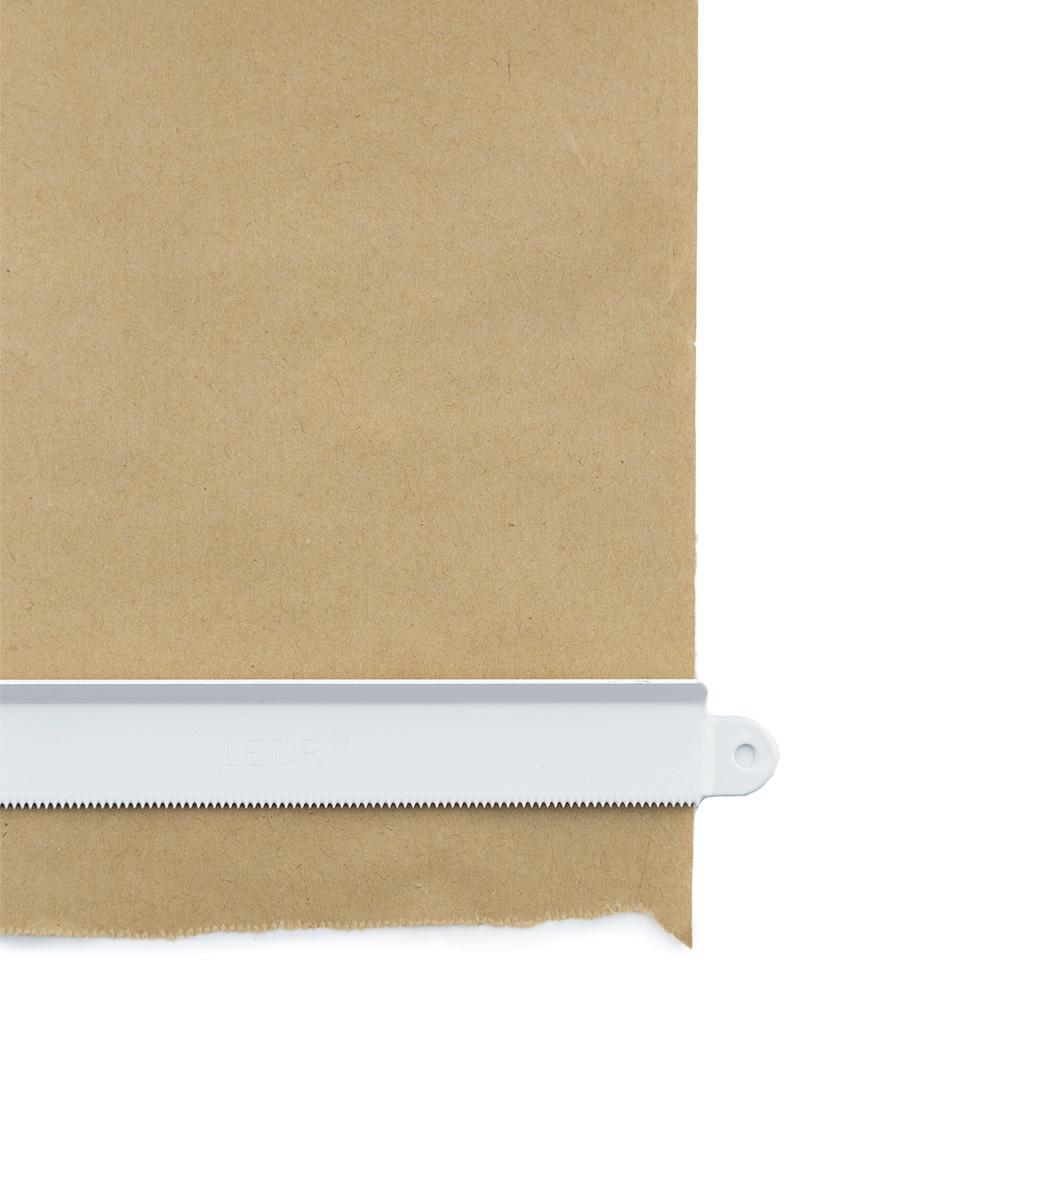 Kraft paper roller L - White-4